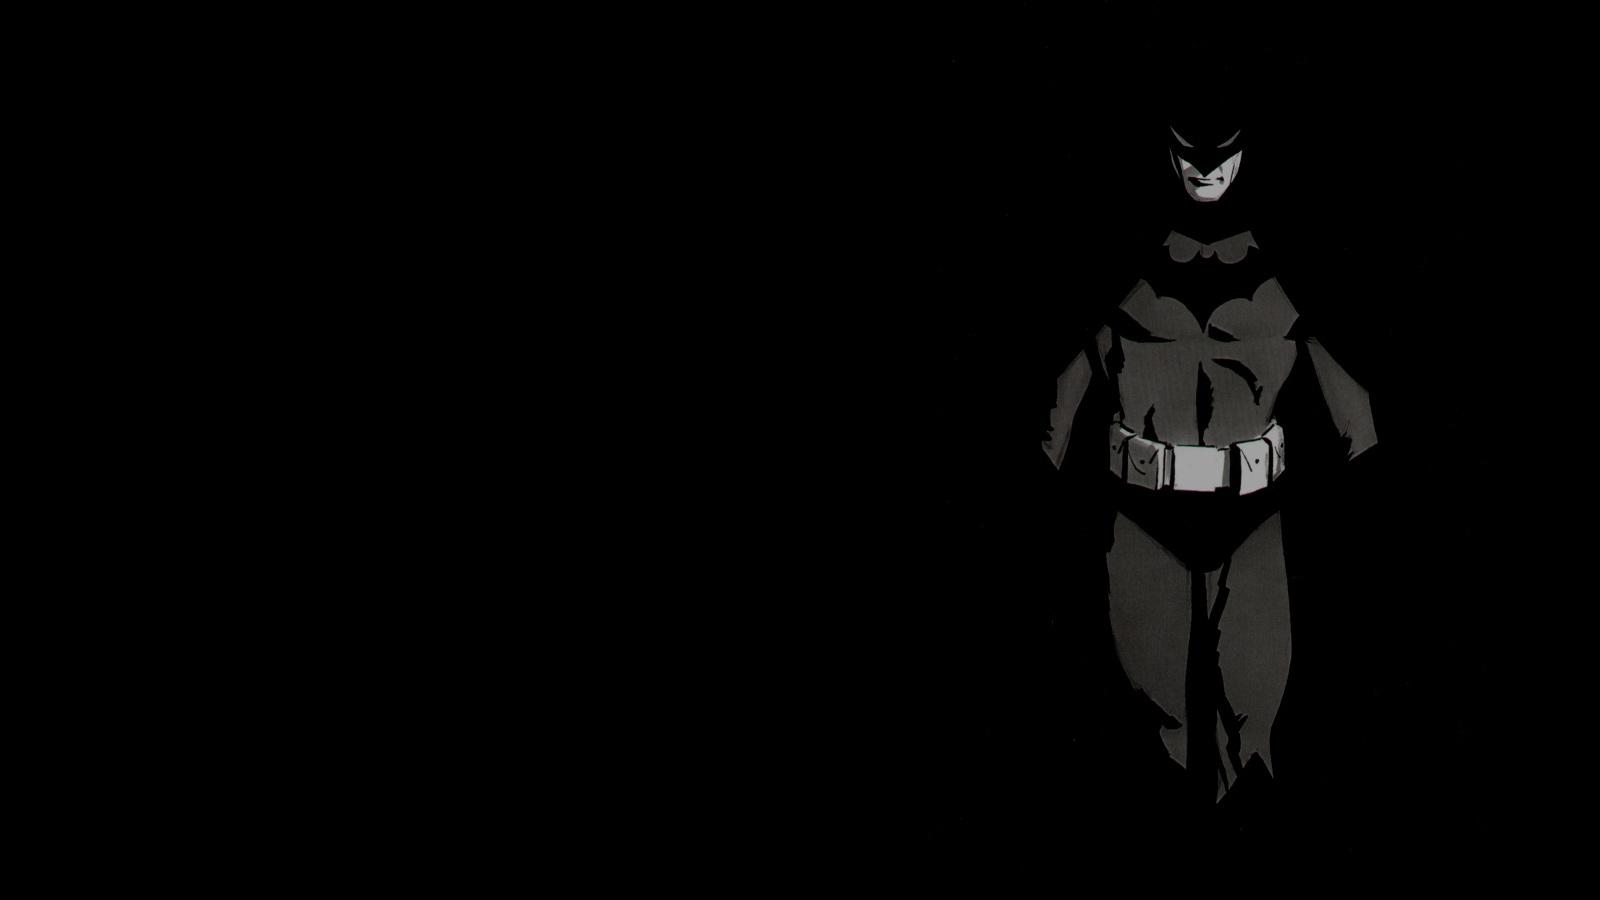 Bat Computer Wallpaper - WallpaperSafari